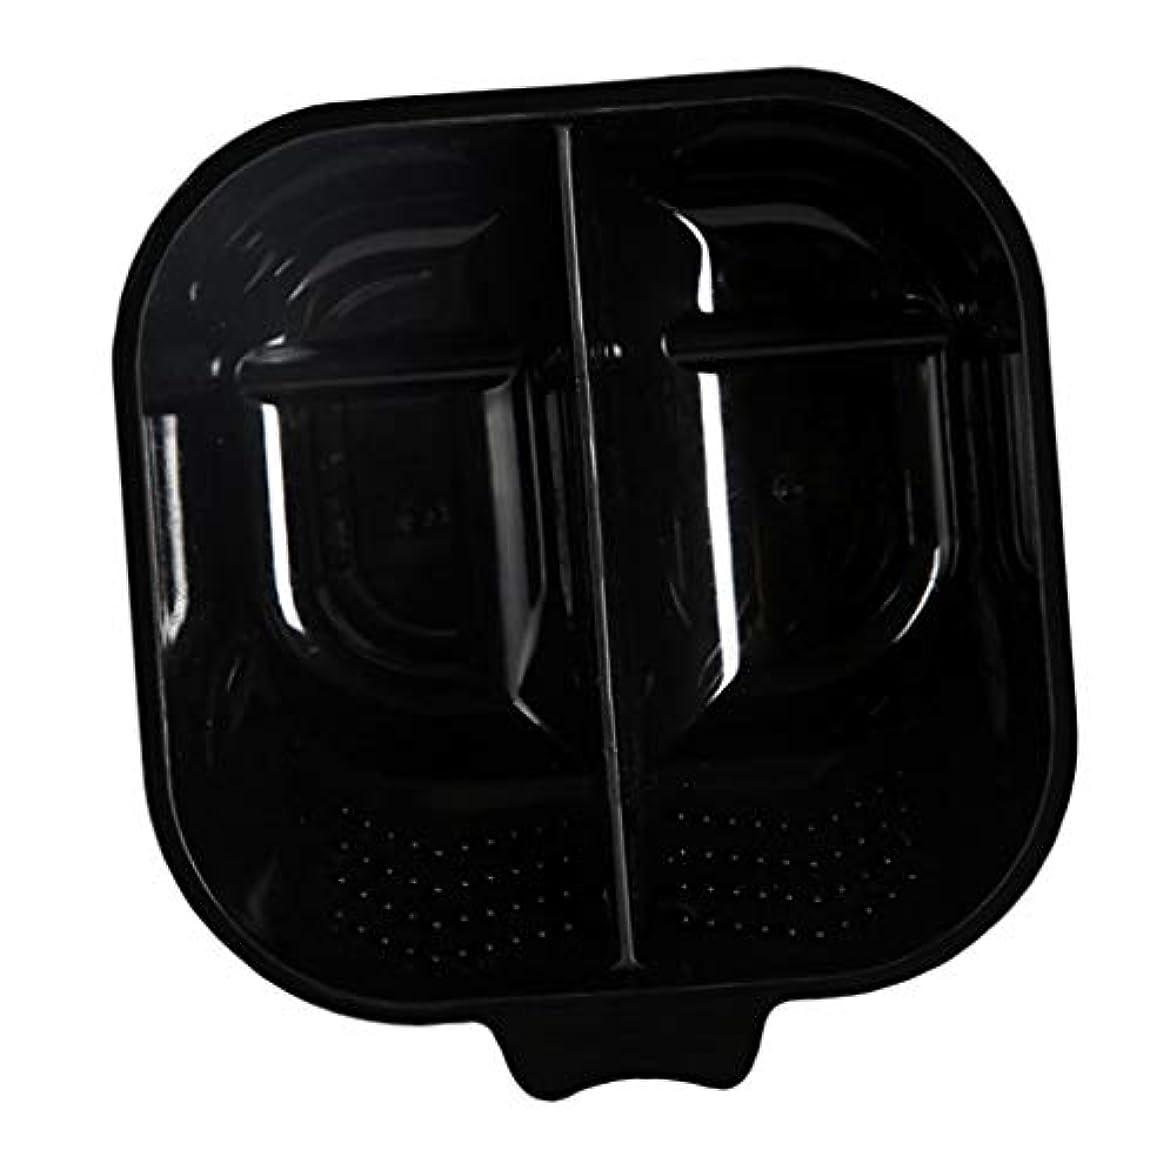 不安定な草パックヘアカラーリング用品 ヘアカラーボウル ヘアカラープレート 毛染め 染料 混ぜる サロン プロ用品 - ブラック